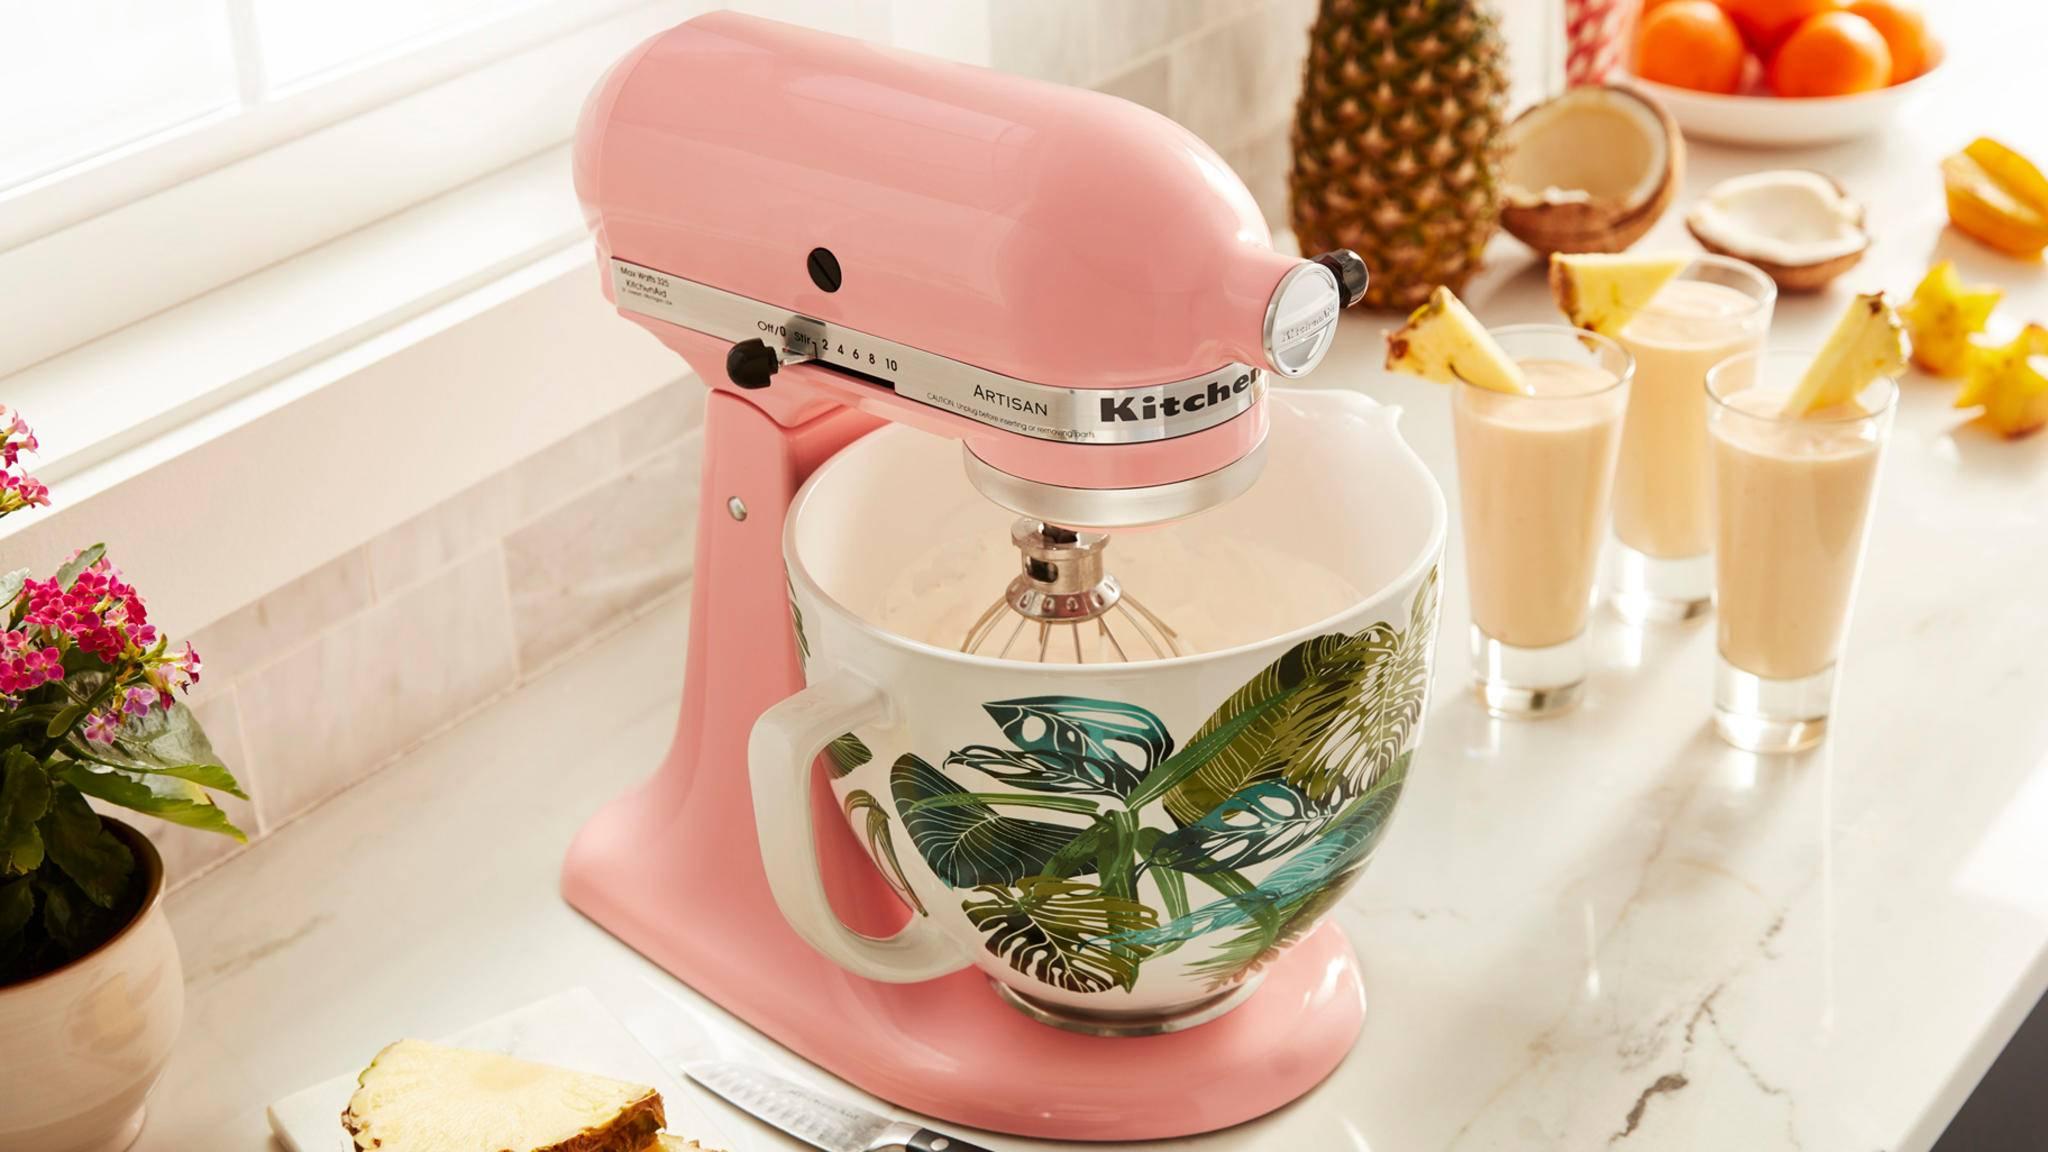 Die neuen Rührschüsseln von KitchenAid bringen Farbe in die Küche.